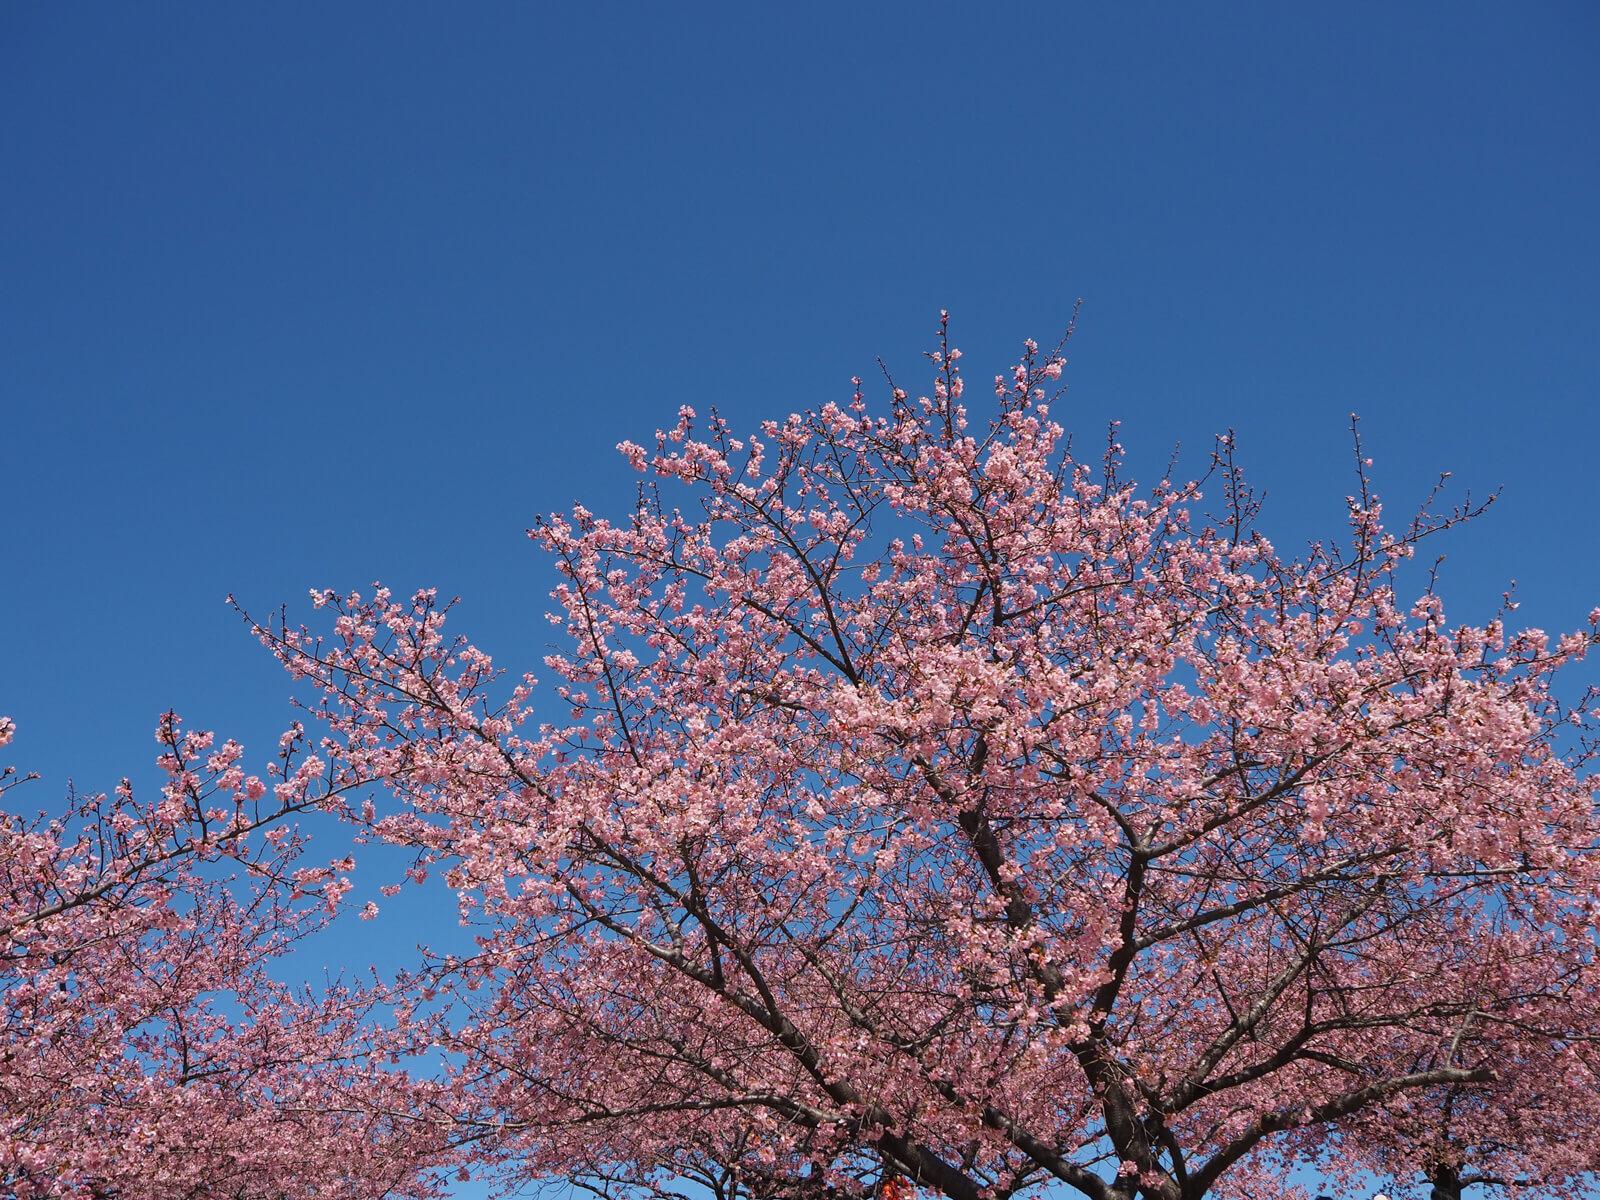 近くまで寄るときれいに咲いているのがわかります